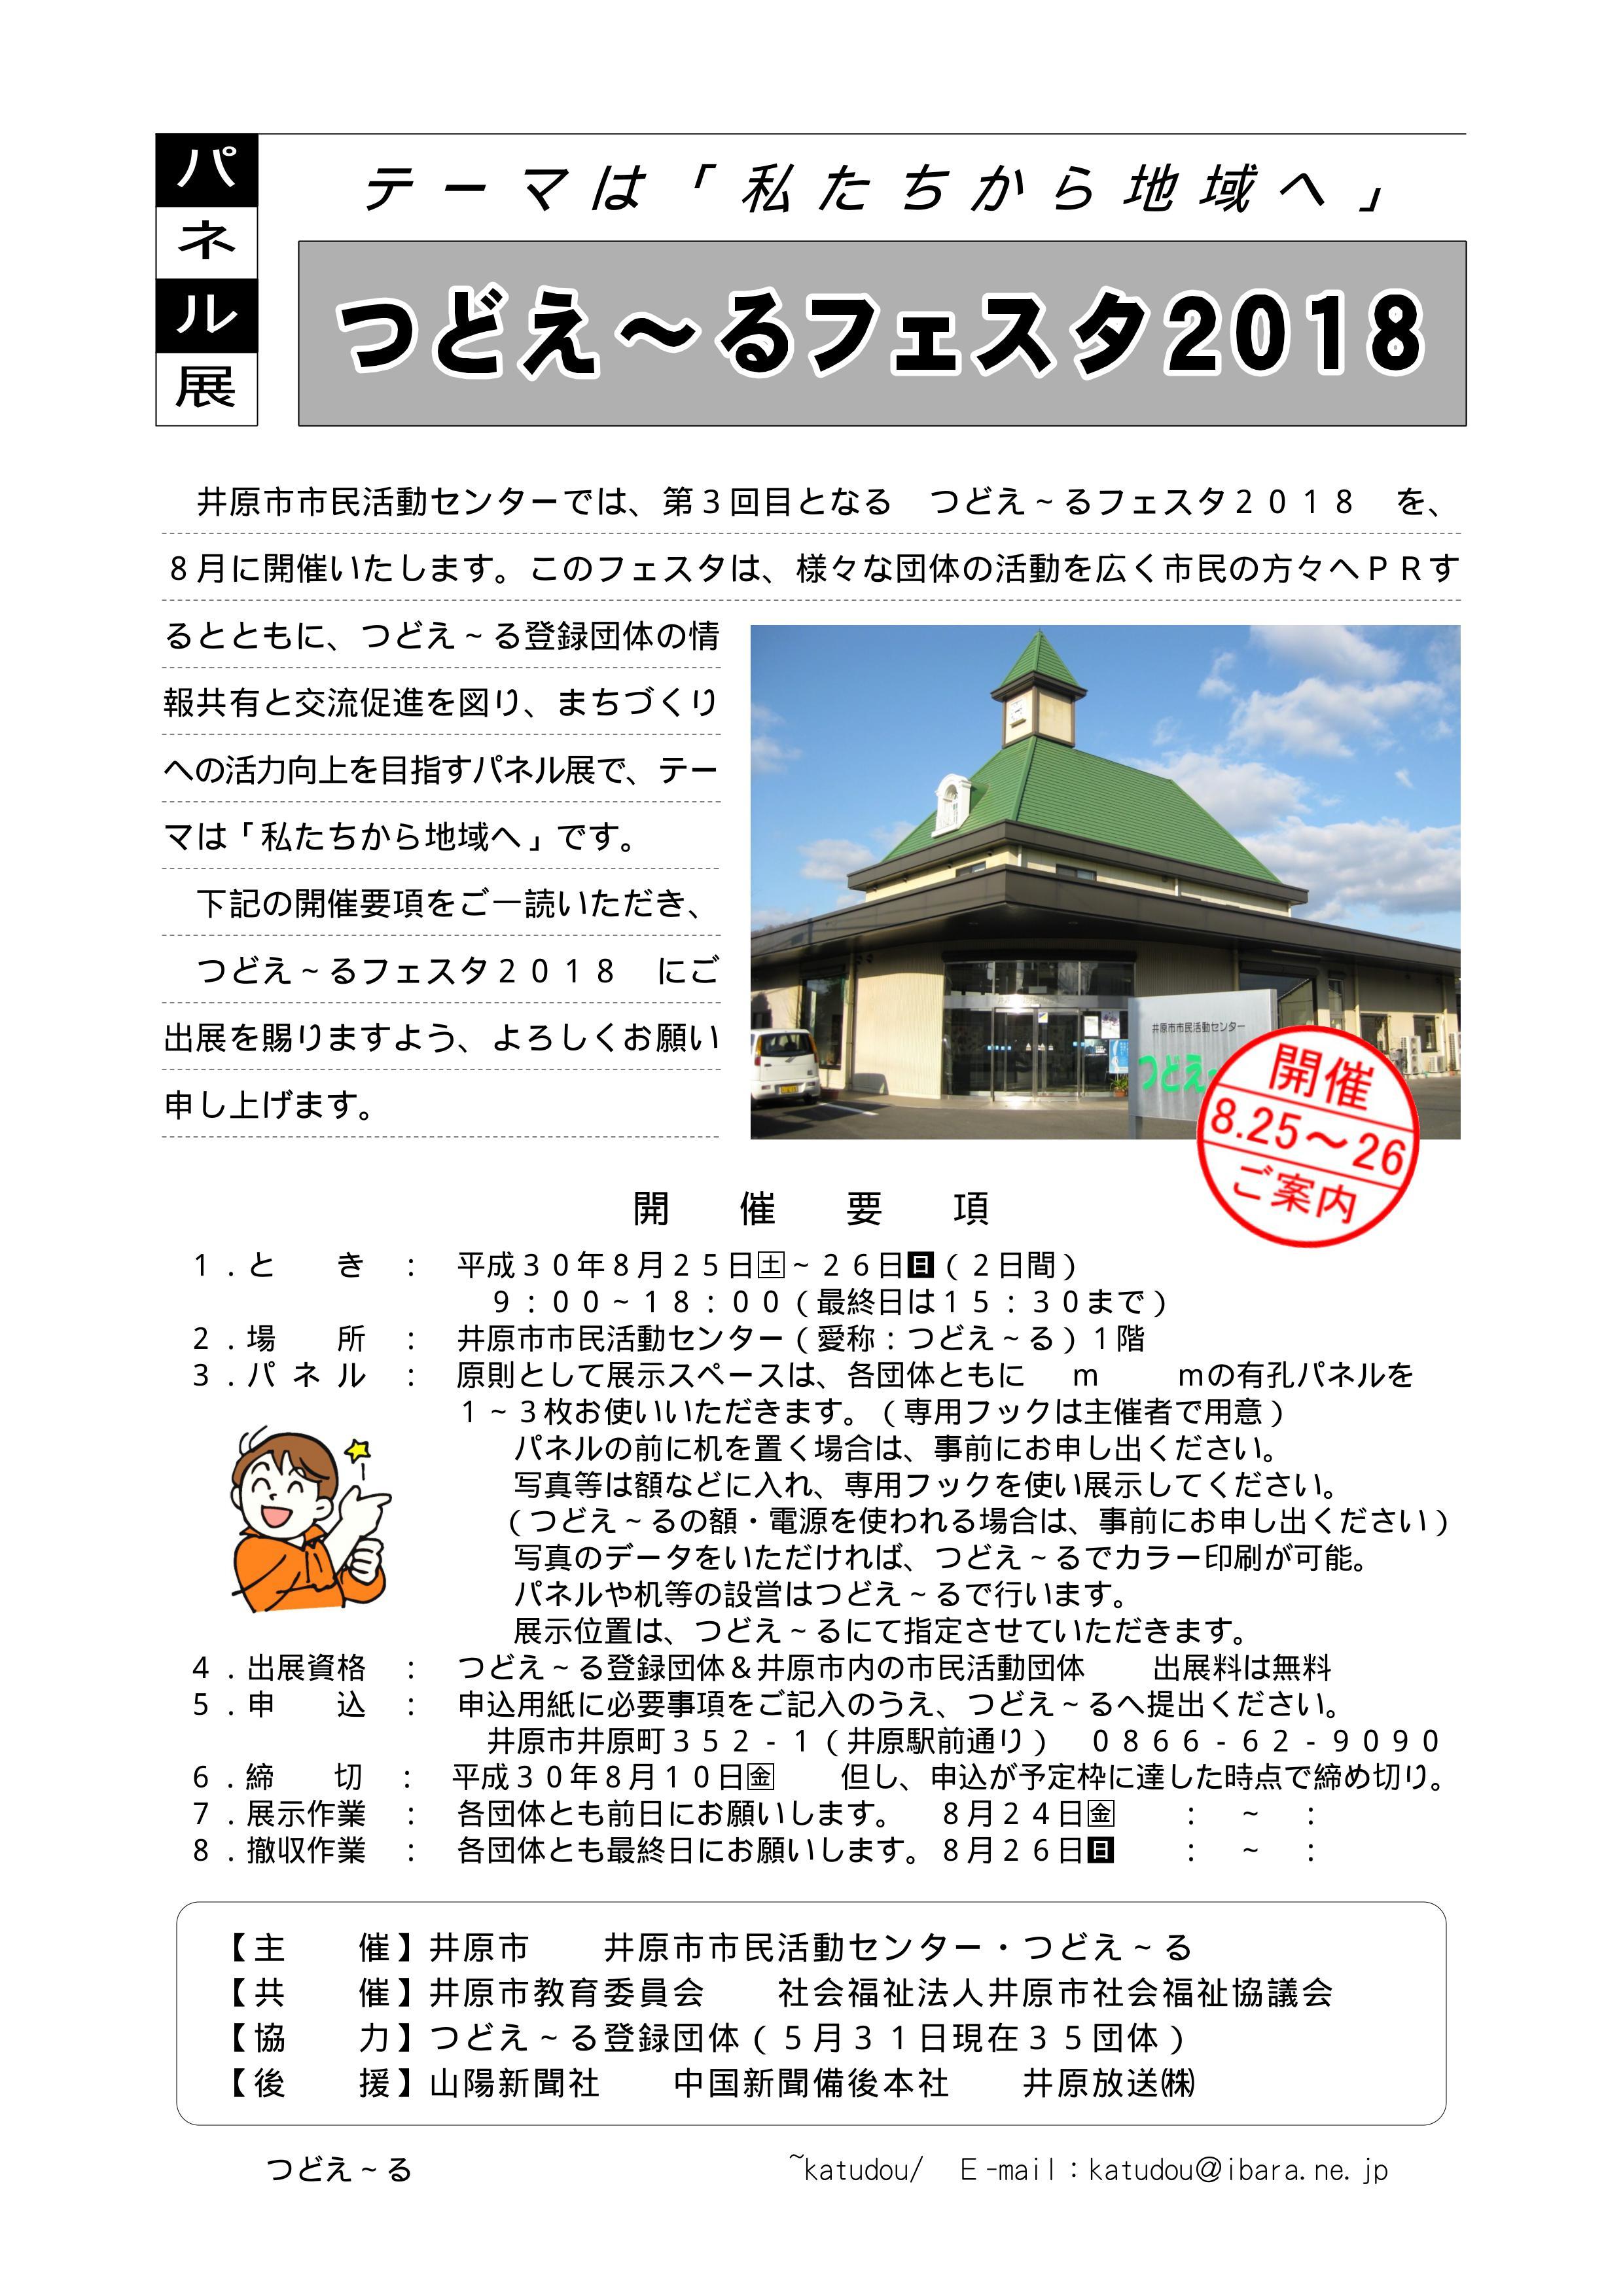 【 井原 】 『つどえ~るフェスタ2018』パネル展示団体募集のご案内